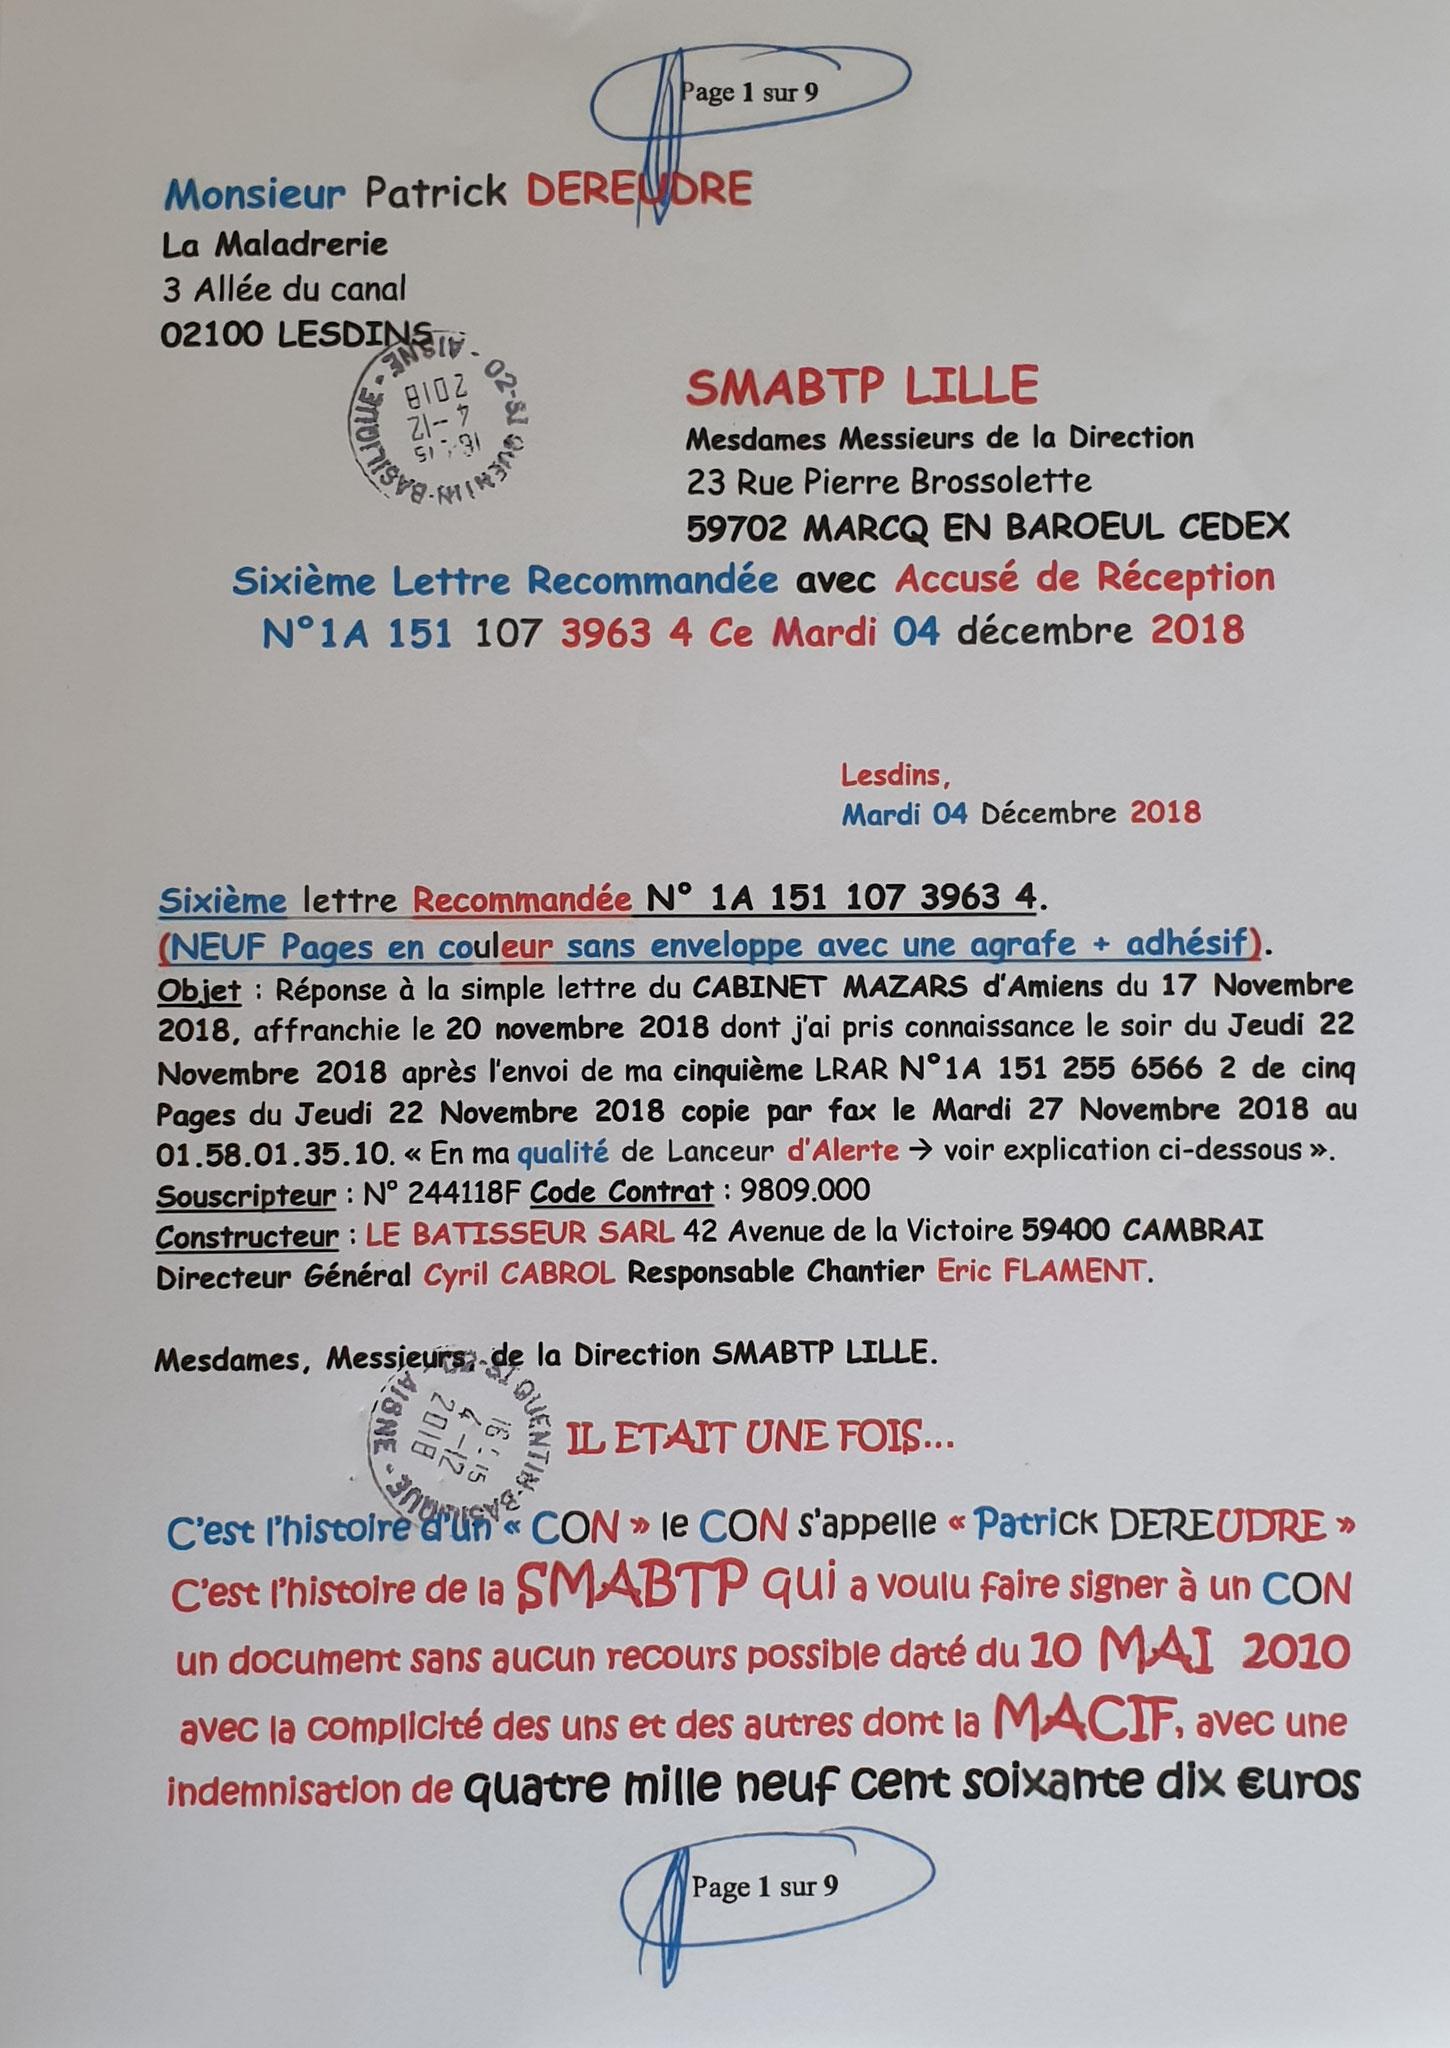 Le 04 Décembre 2018 j'adresse une sixième LRAR N0 1A 151 107 3963 4 à la SMABTP (neuf pages) www.jenesuispasunchien.fr www.jesuisvictime.fr www.jesuispatrick.fr PARJURE & CORRUPTION